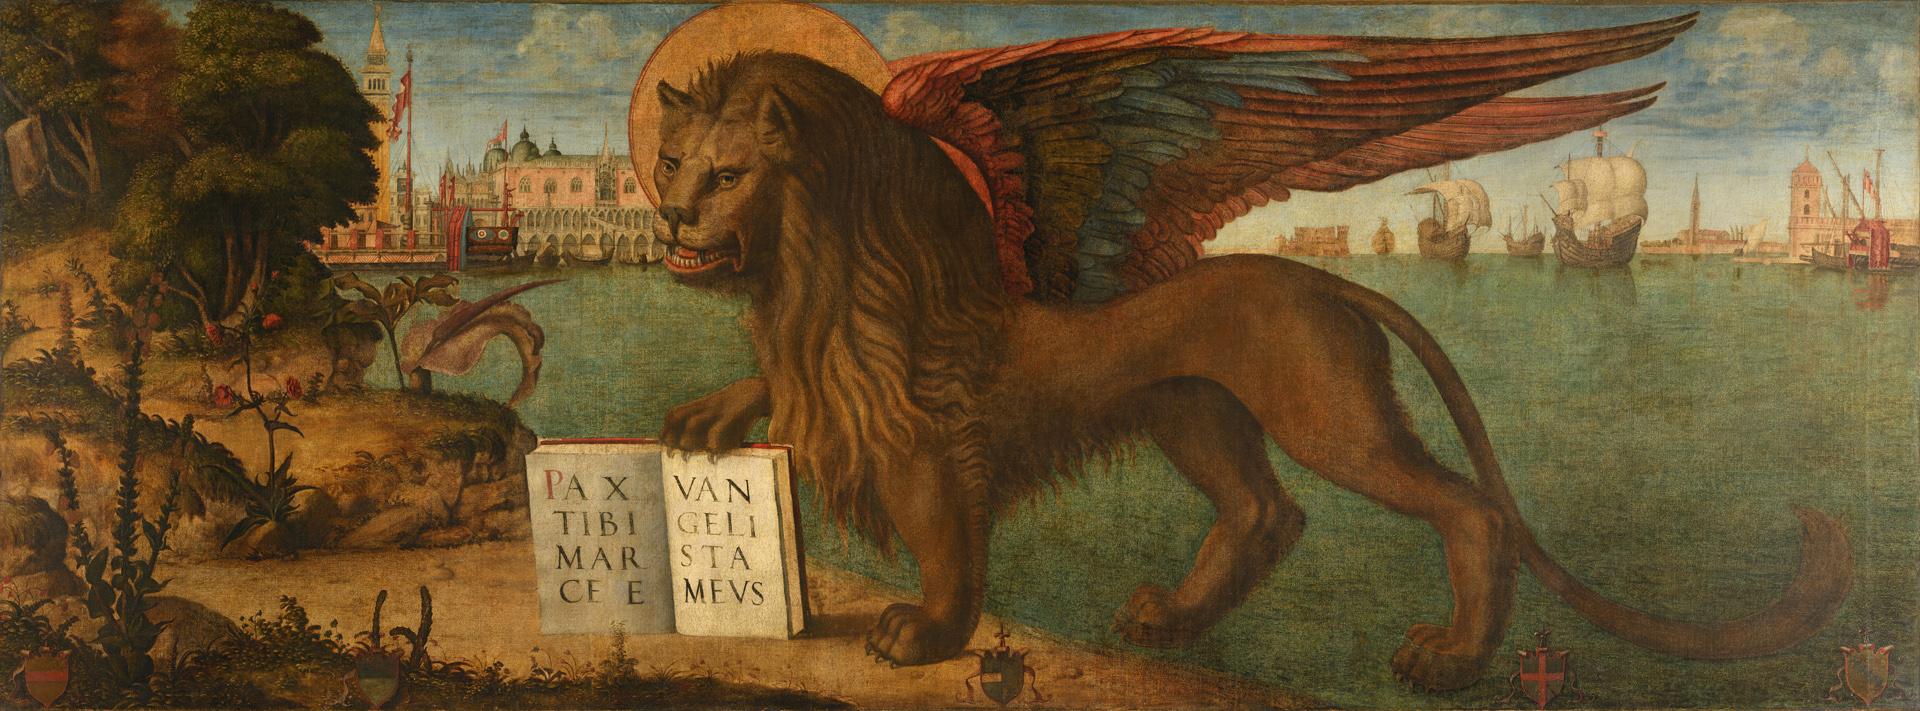 Carpaccio: Lion of St. Mark